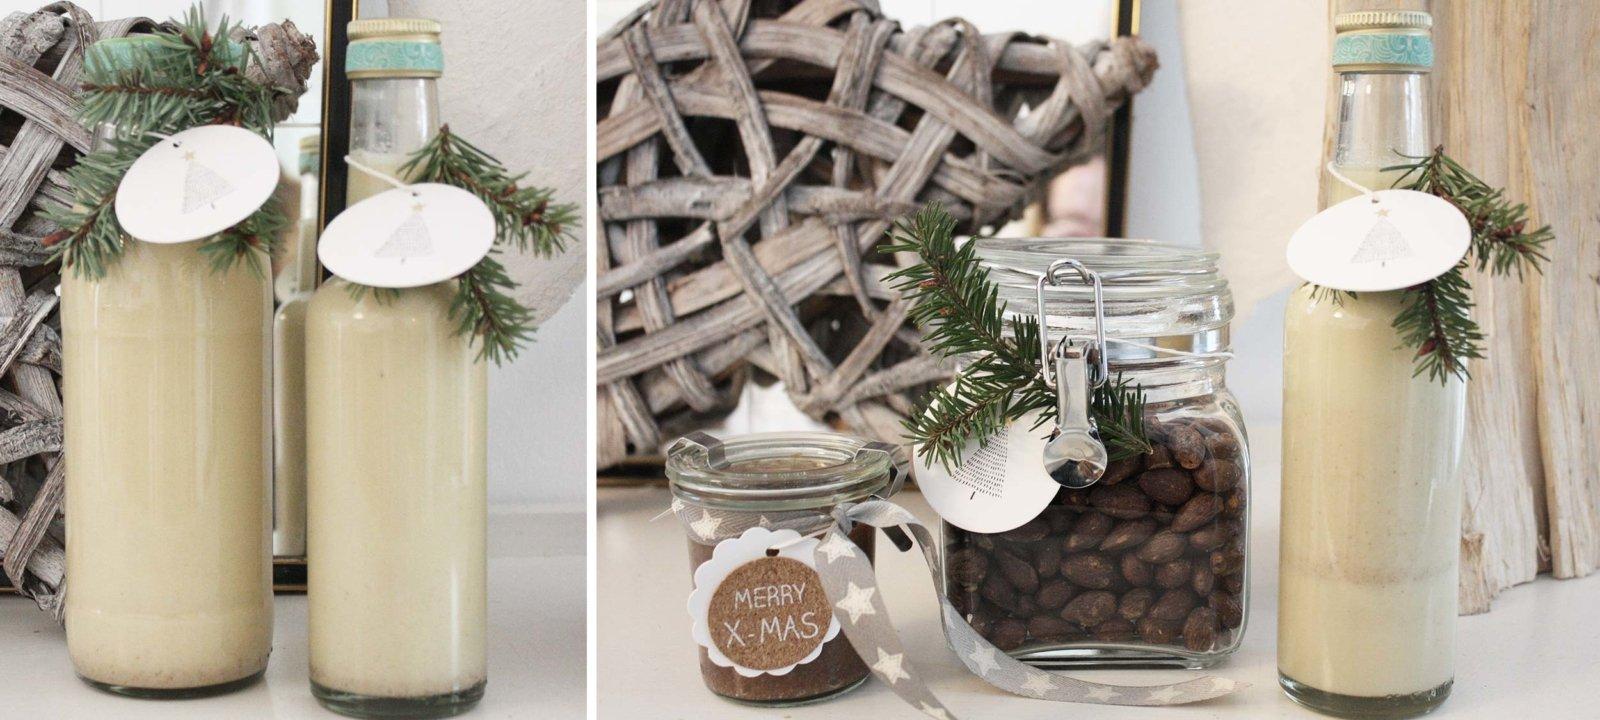 DIY – Köstliche Last-Minute-Weihnachtsgeschenke aus der Küche ...